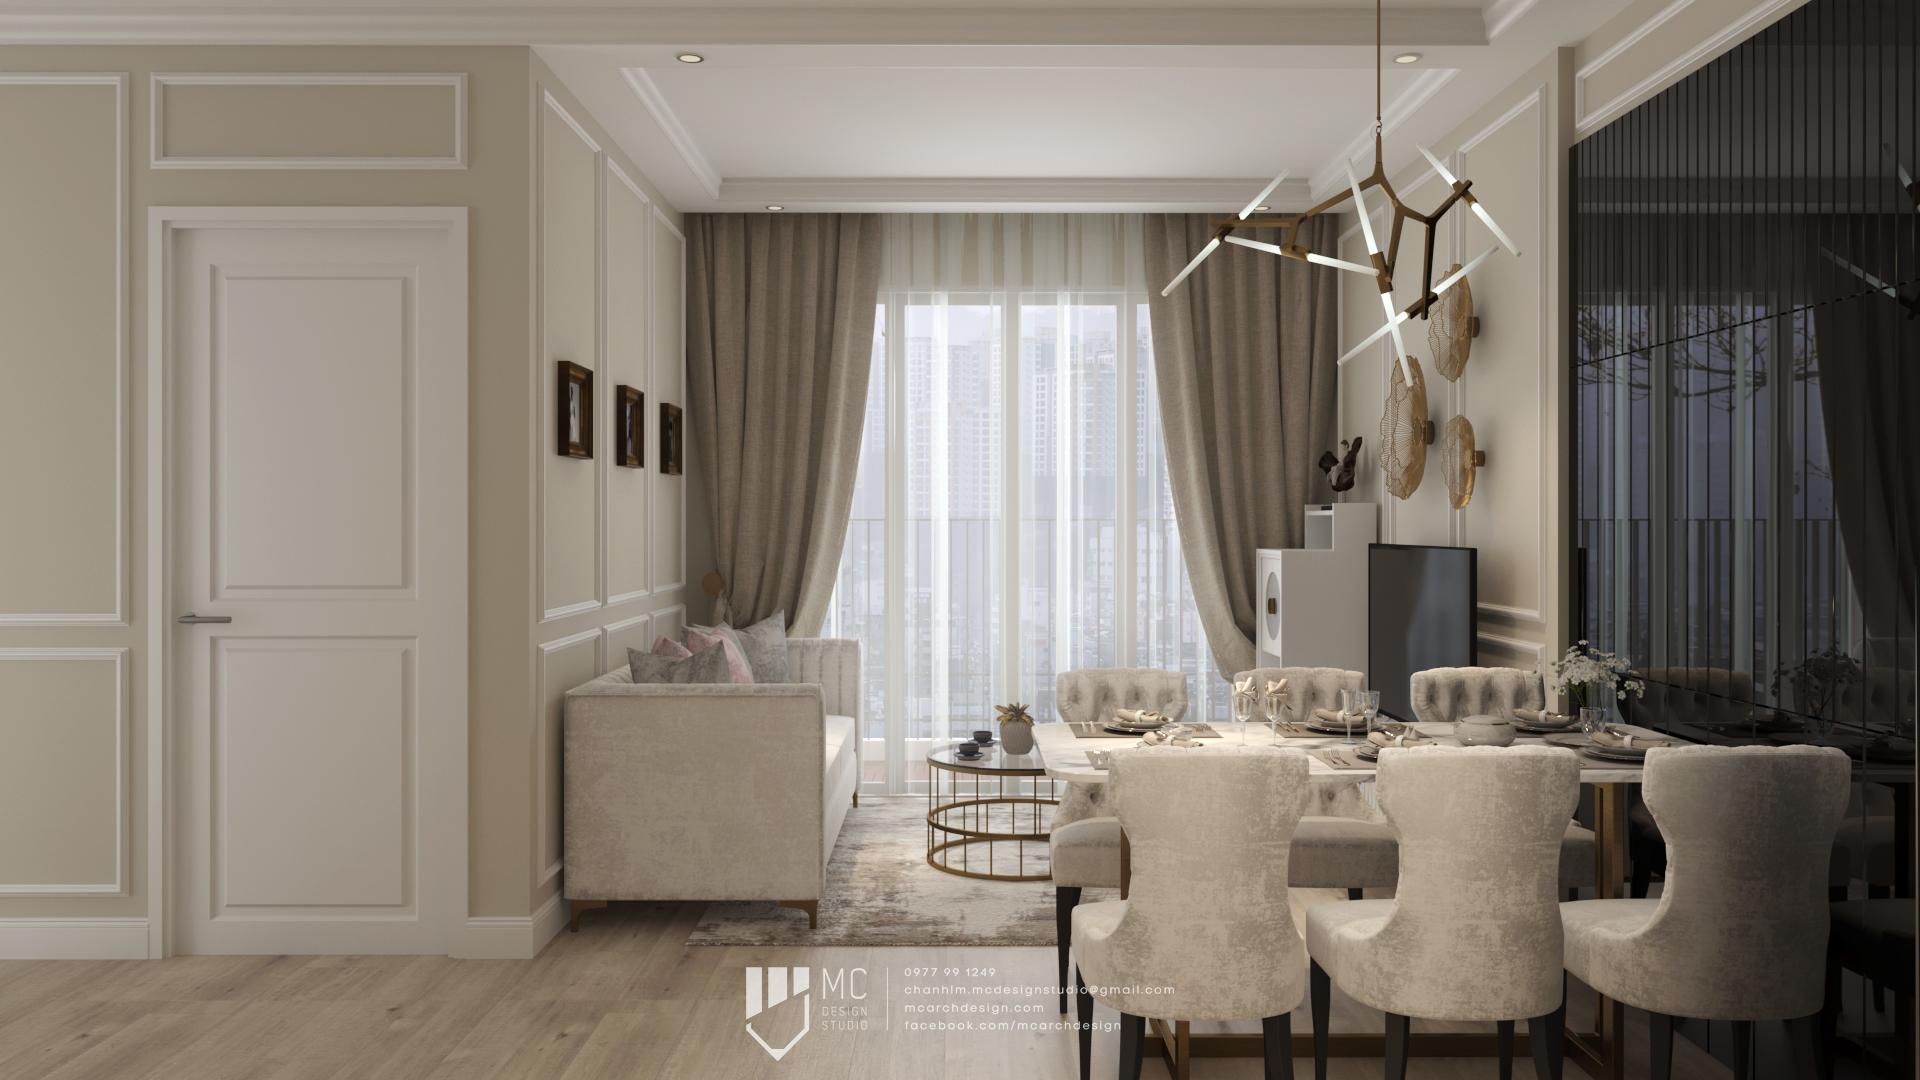 Thiết kế nội thất Chung Cư tại Hồ Chí Minh Vinhome Grand Park Apartment 1590742007 3